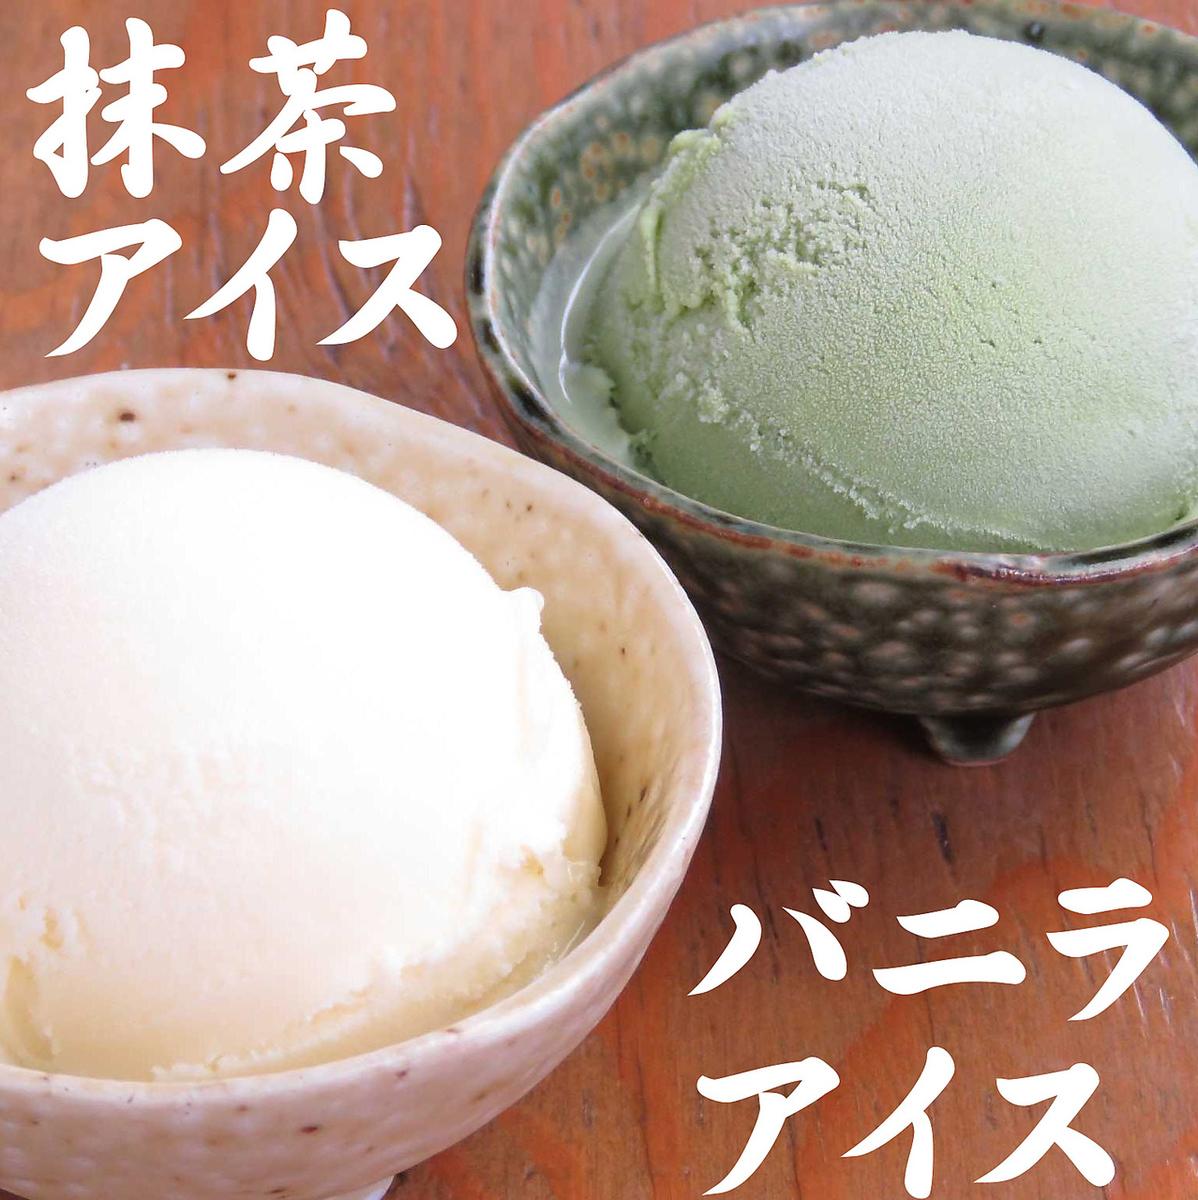 【デザート】バニラアイス/抹茶アイス